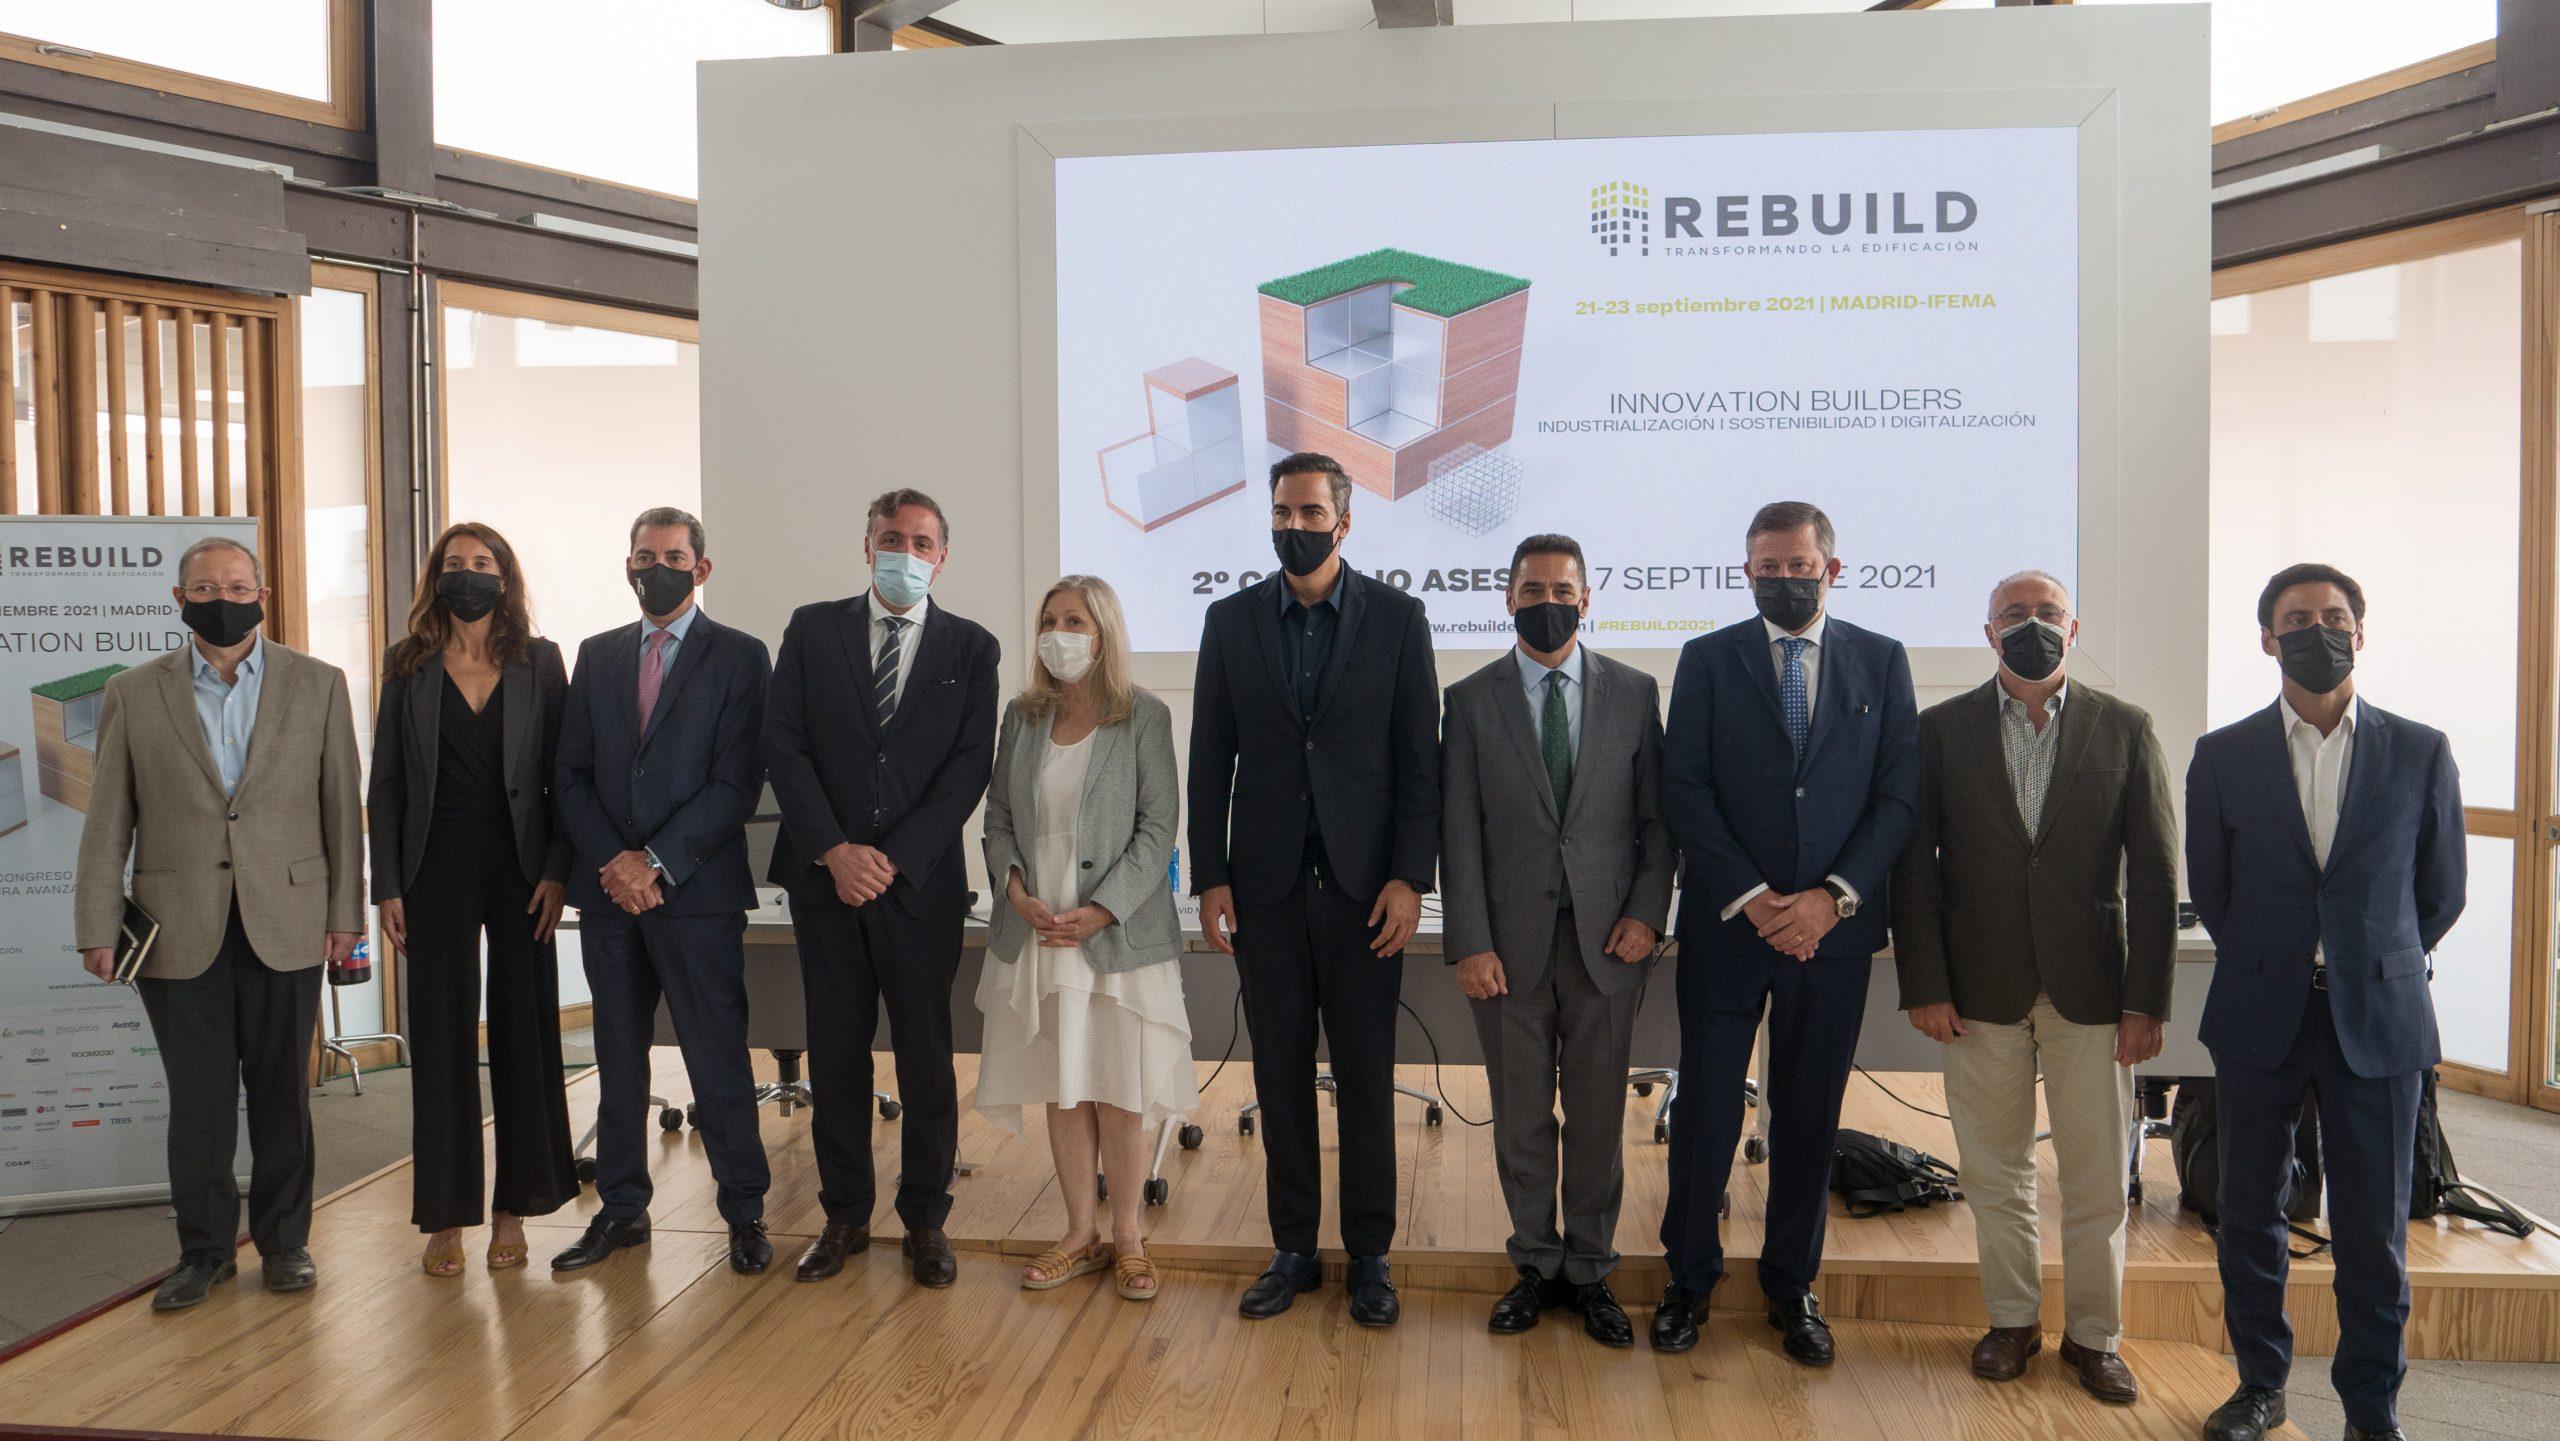 REBUILD 2021 supera todas las expectativas con 280 firmas expositoras y más de 8.000 congresistas previstos